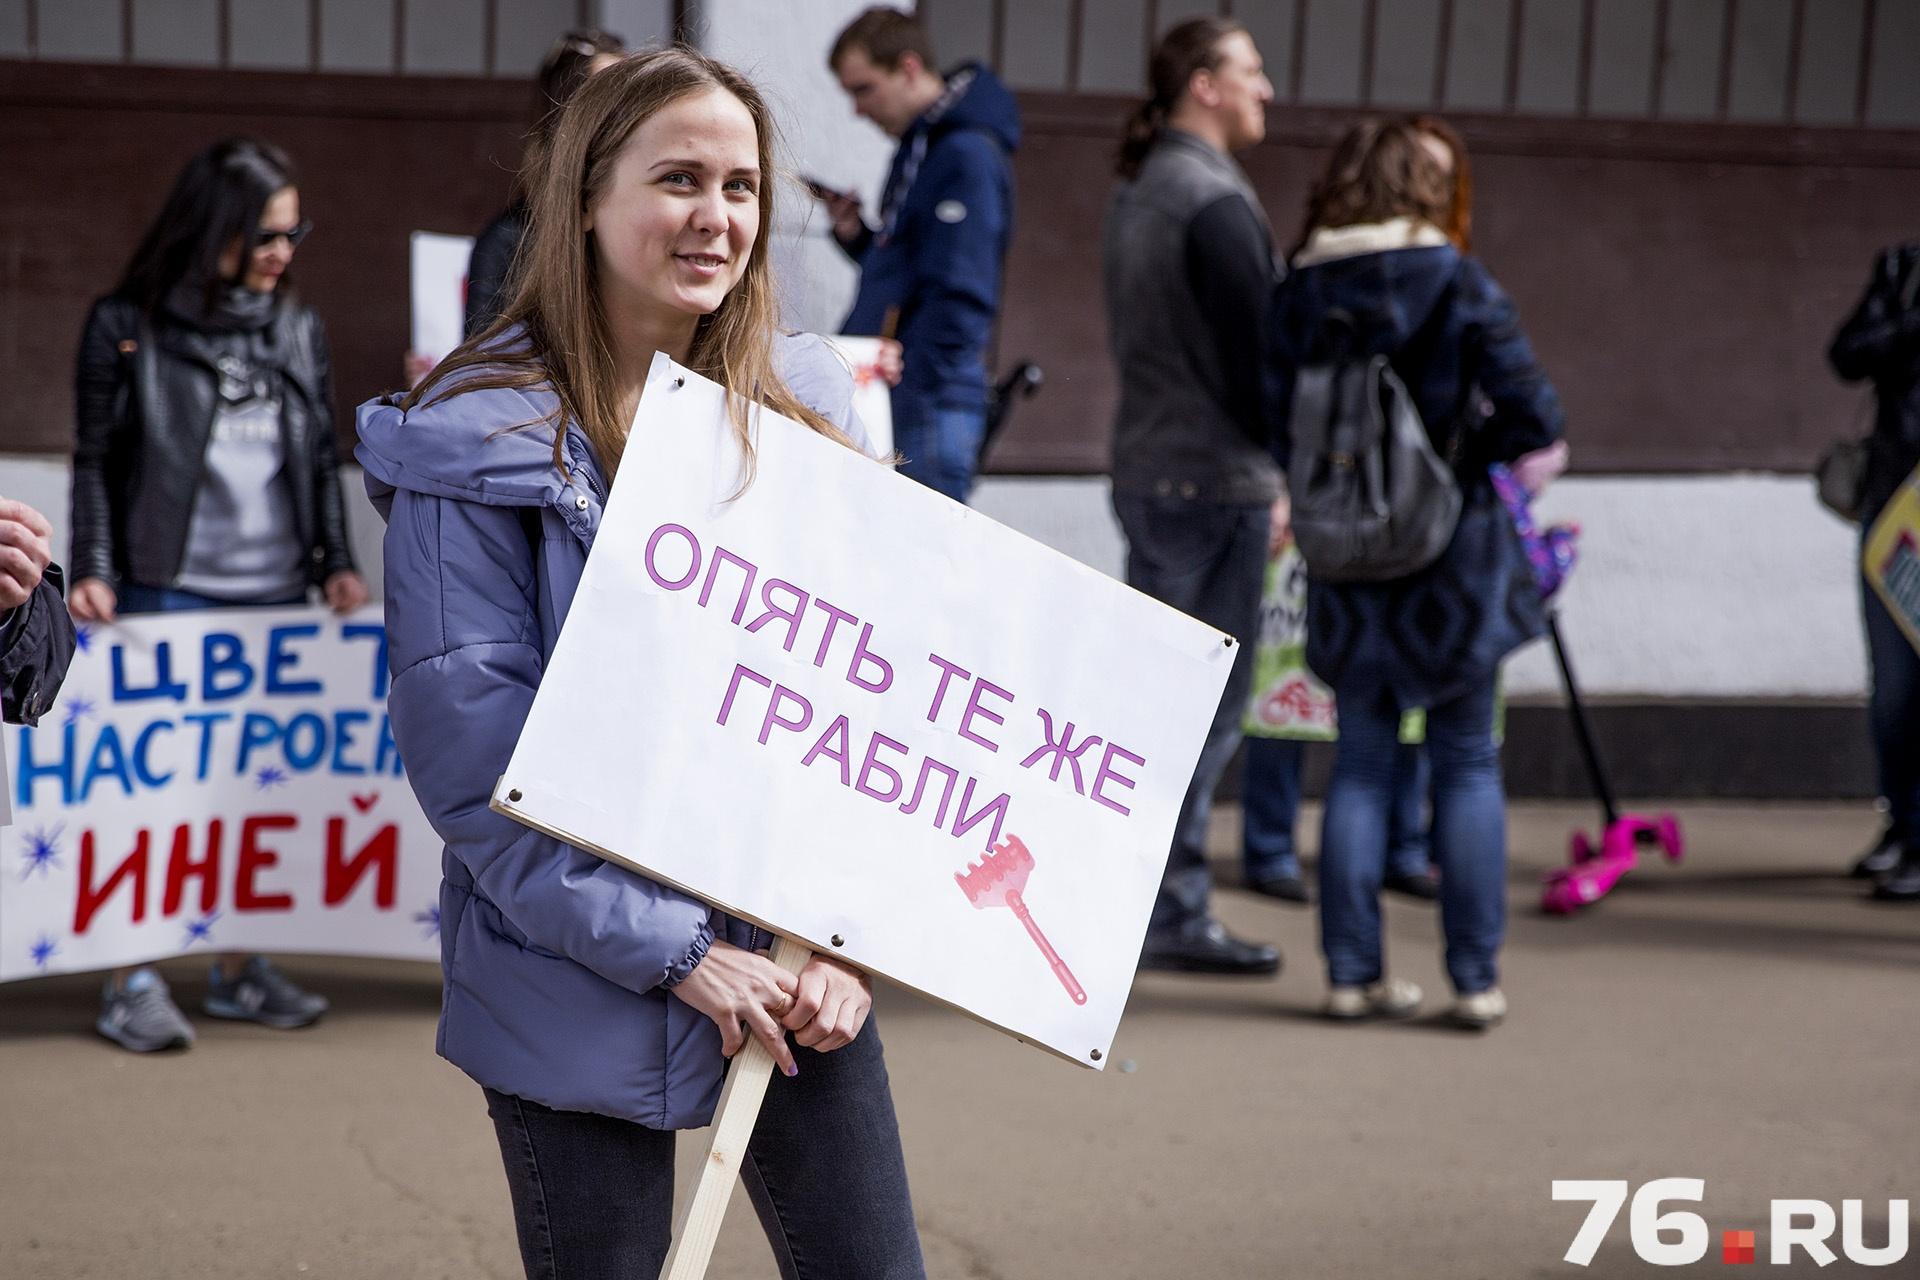 В этом году монстрация в Ярославле прошла уже в шестой раз